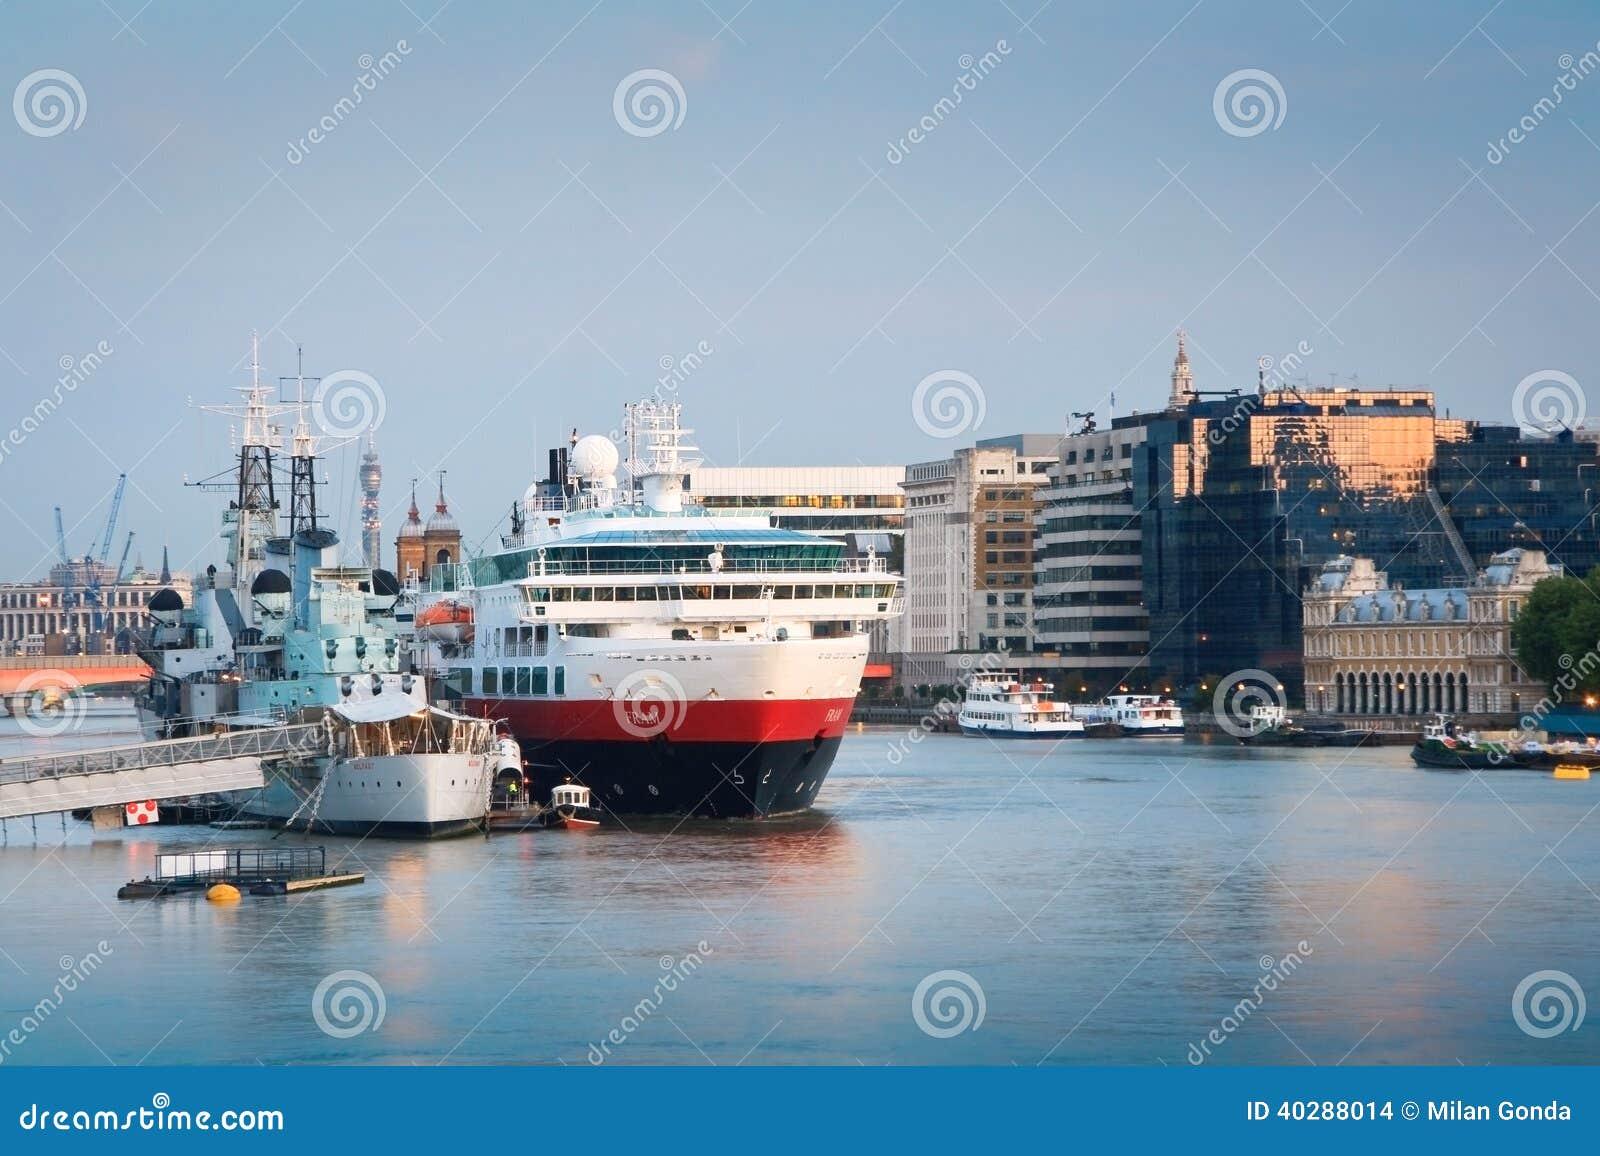 HMS Белфаст и туристическое судно, Лондон.